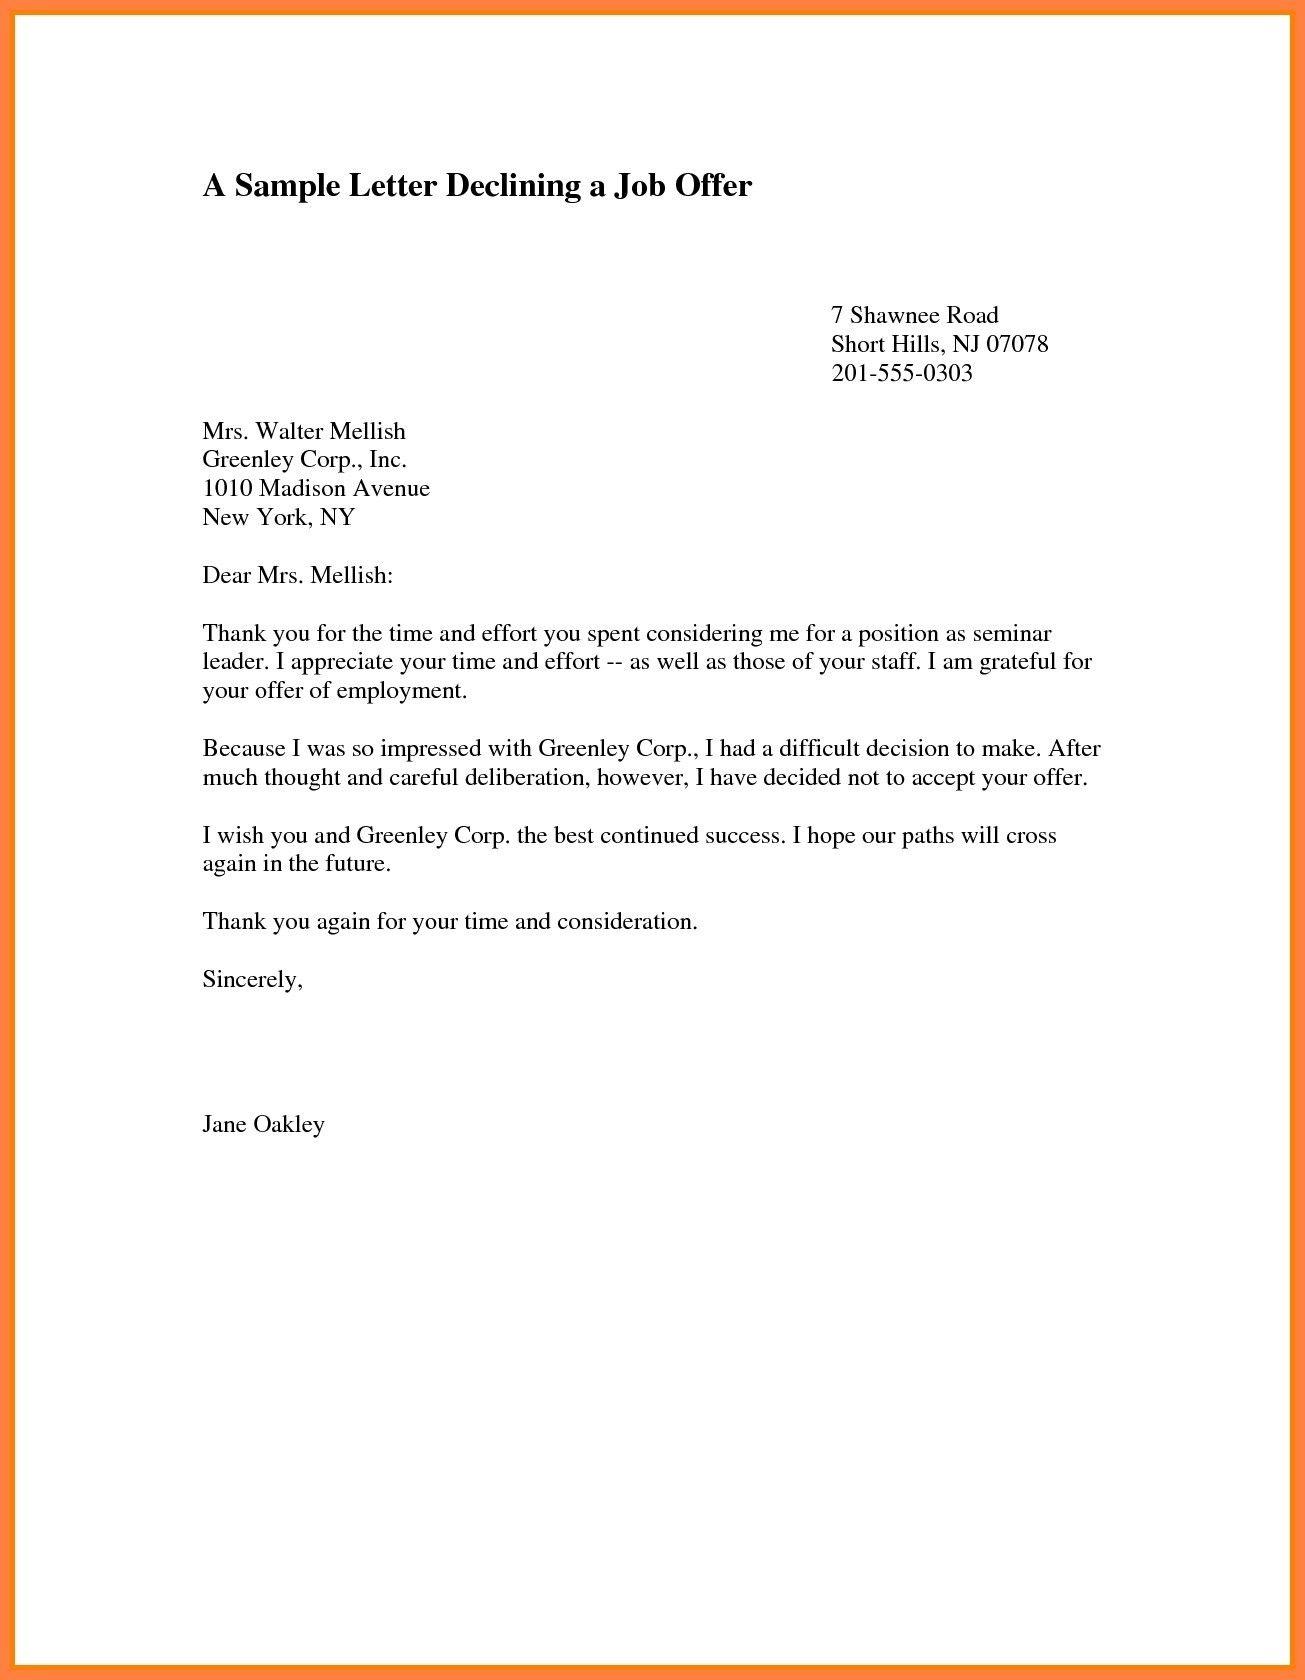 Download Fresh Declining A Job Offer Letter Sample #lettersample